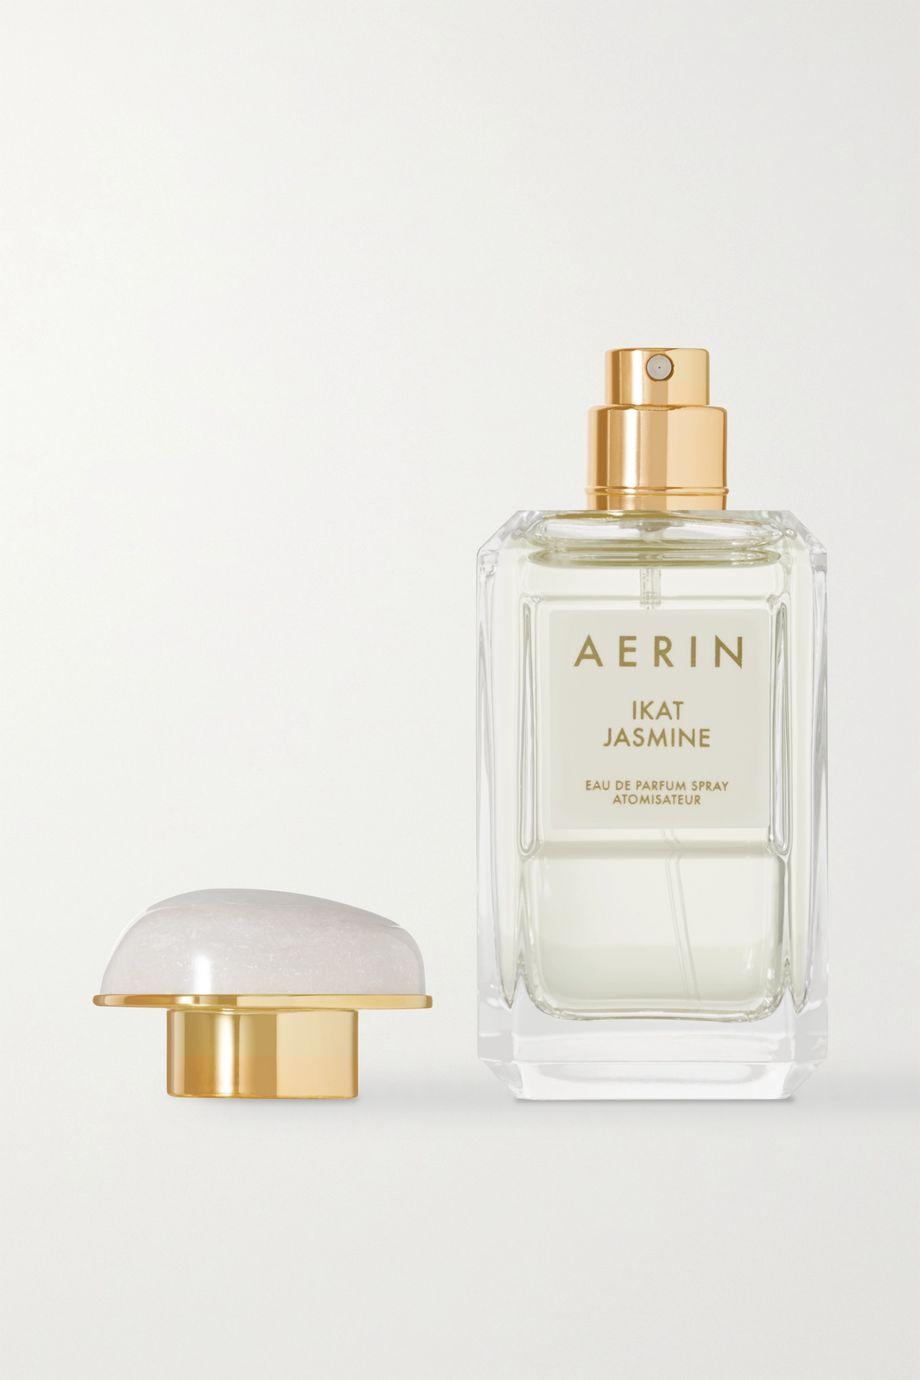 AERIN Beauty Ikat Jasmine Eau de Parfum - Jasmine Sambac & Tuberose Infusion, 50ml